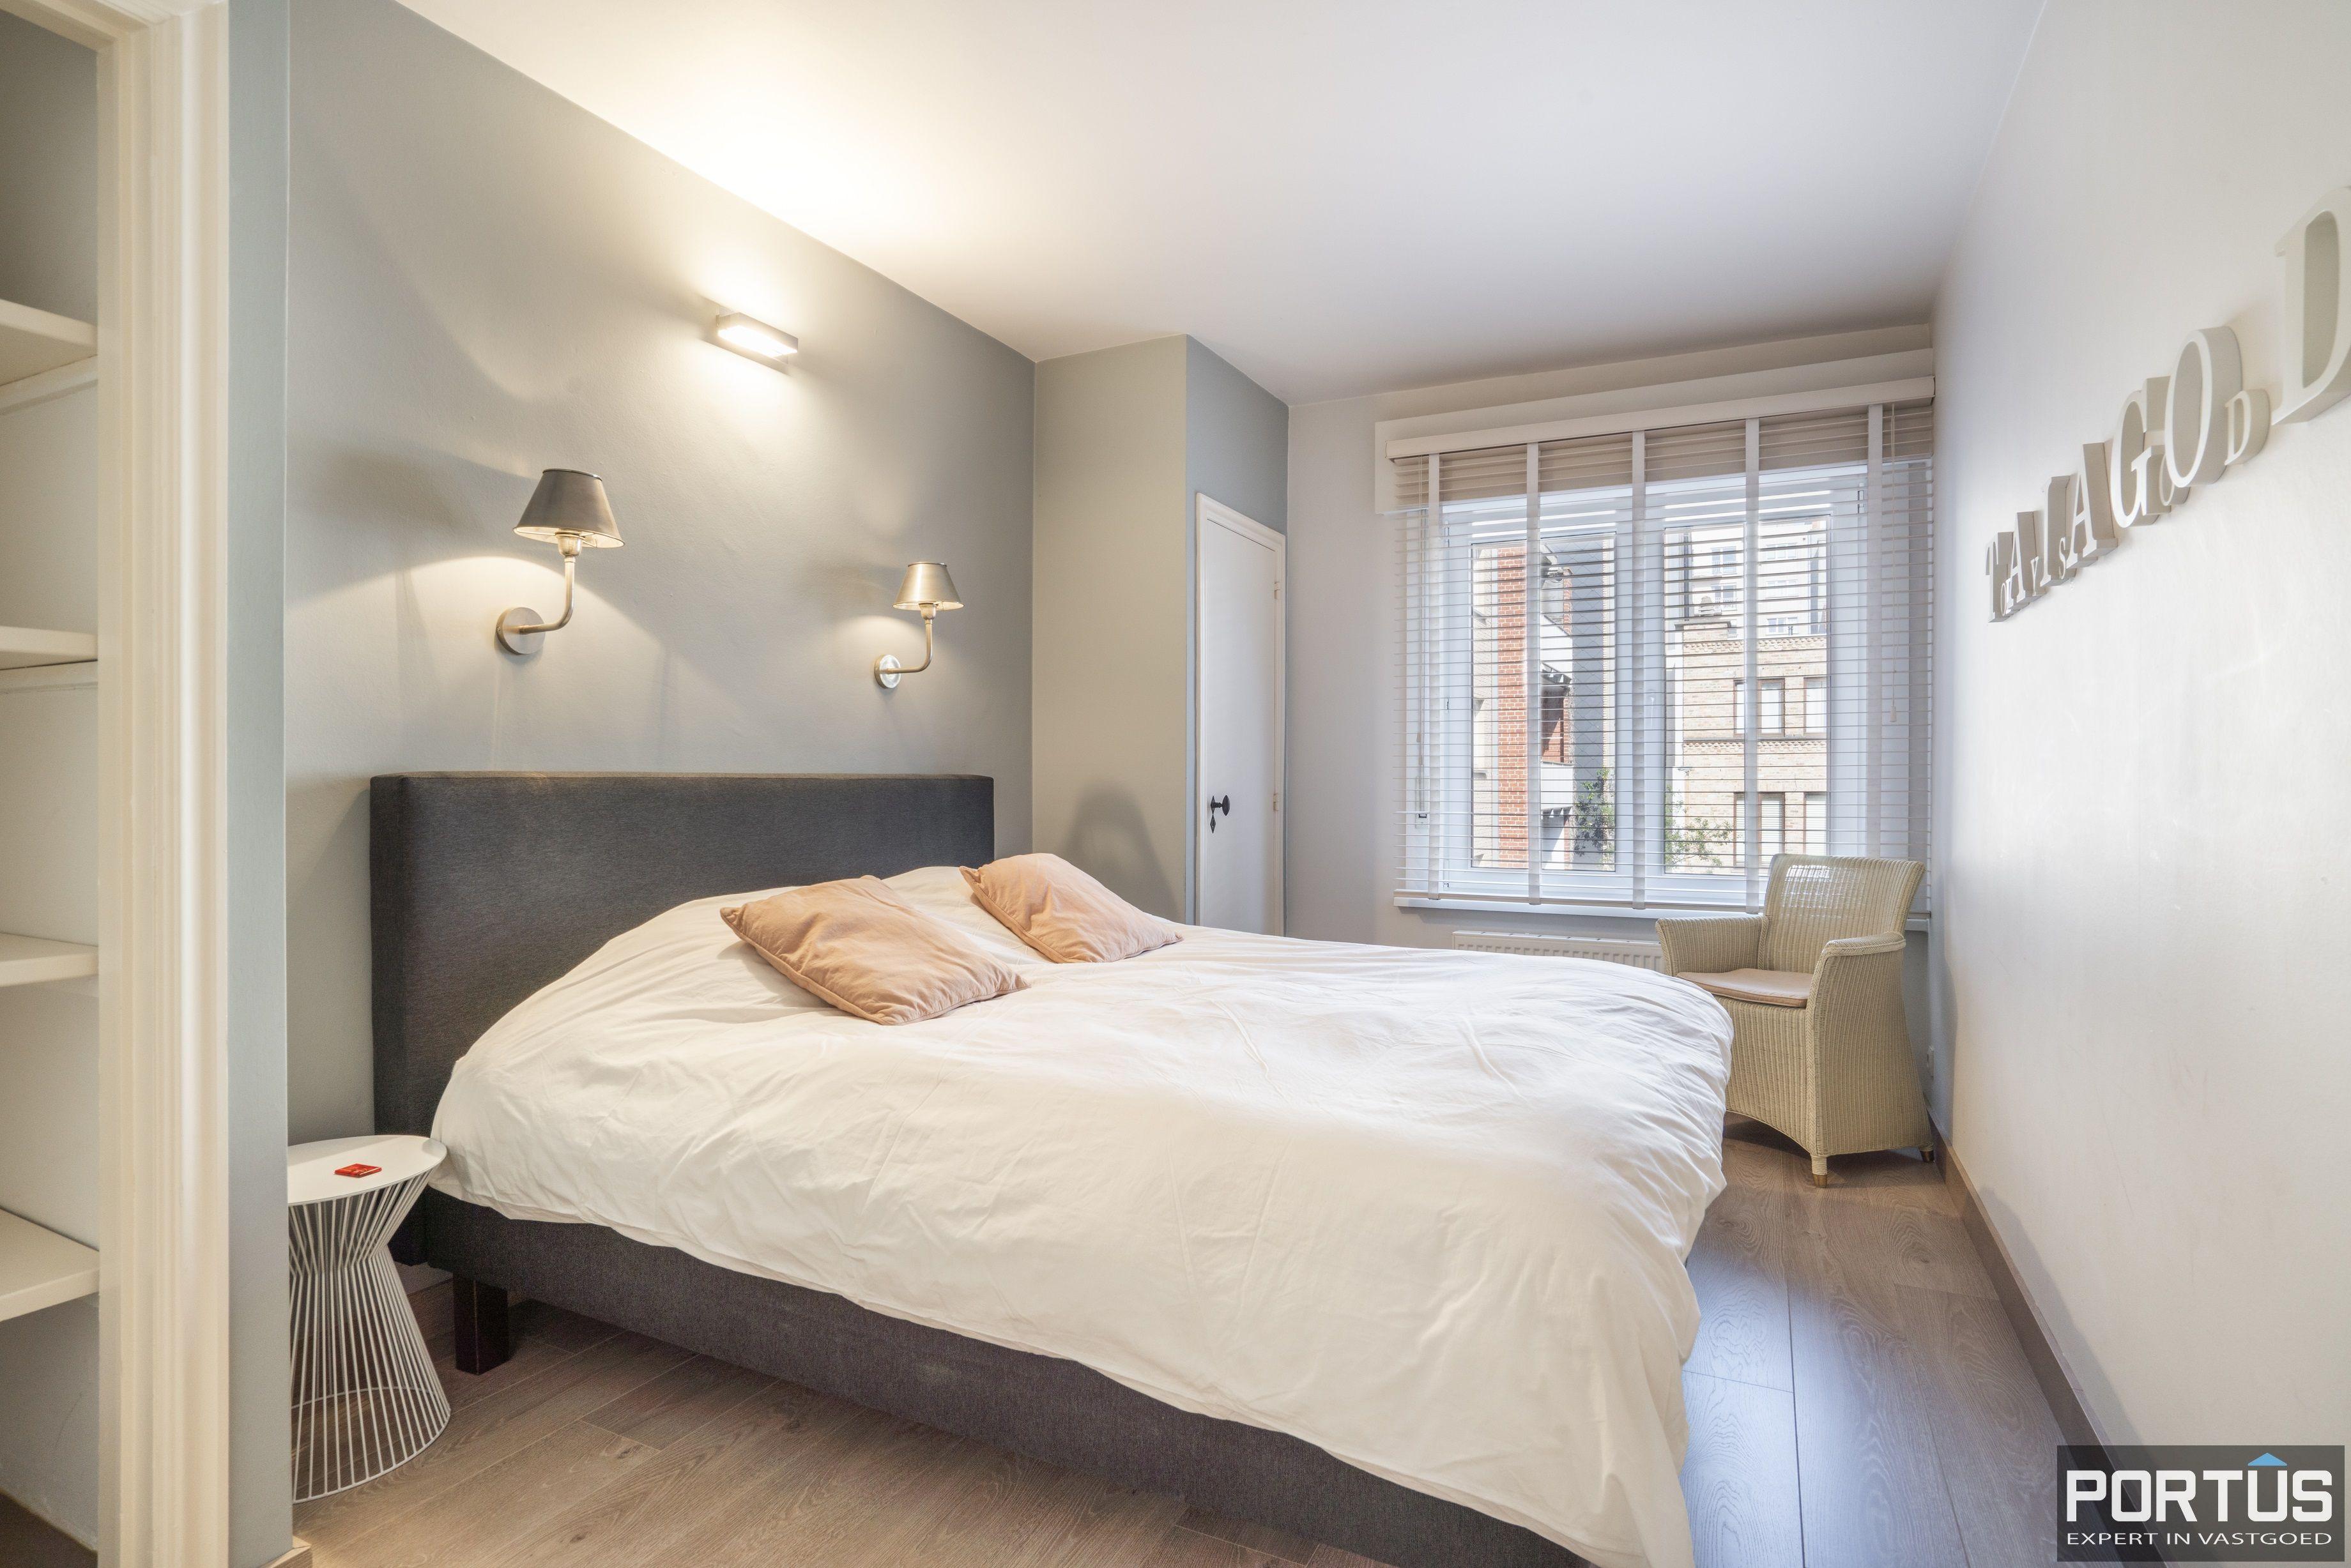 Appartement met 3 slaapkamers te koop te Nieuwpoort-Bad - 13779